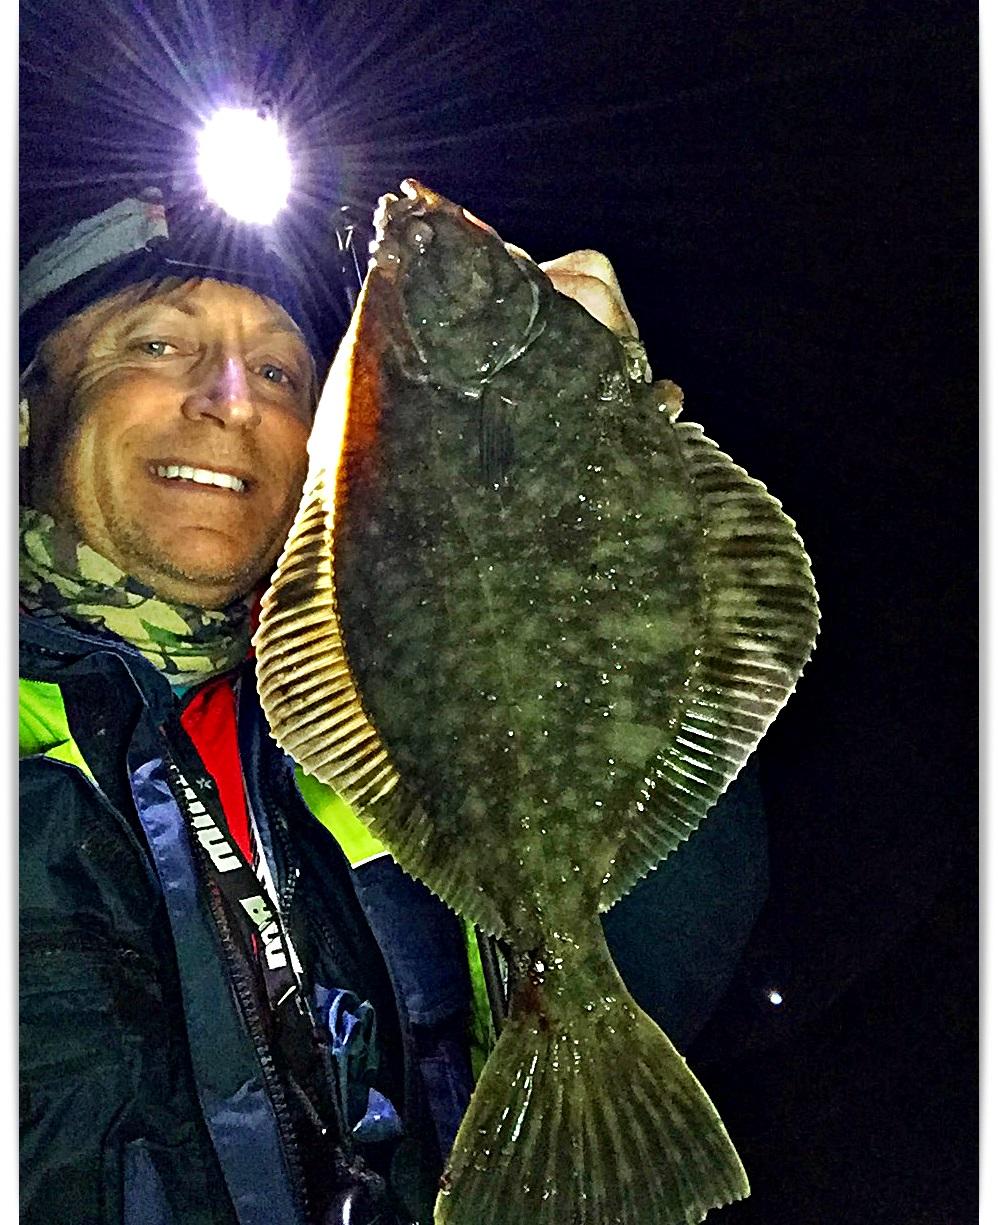 mye annen flatfisk å se, her en skrubbe